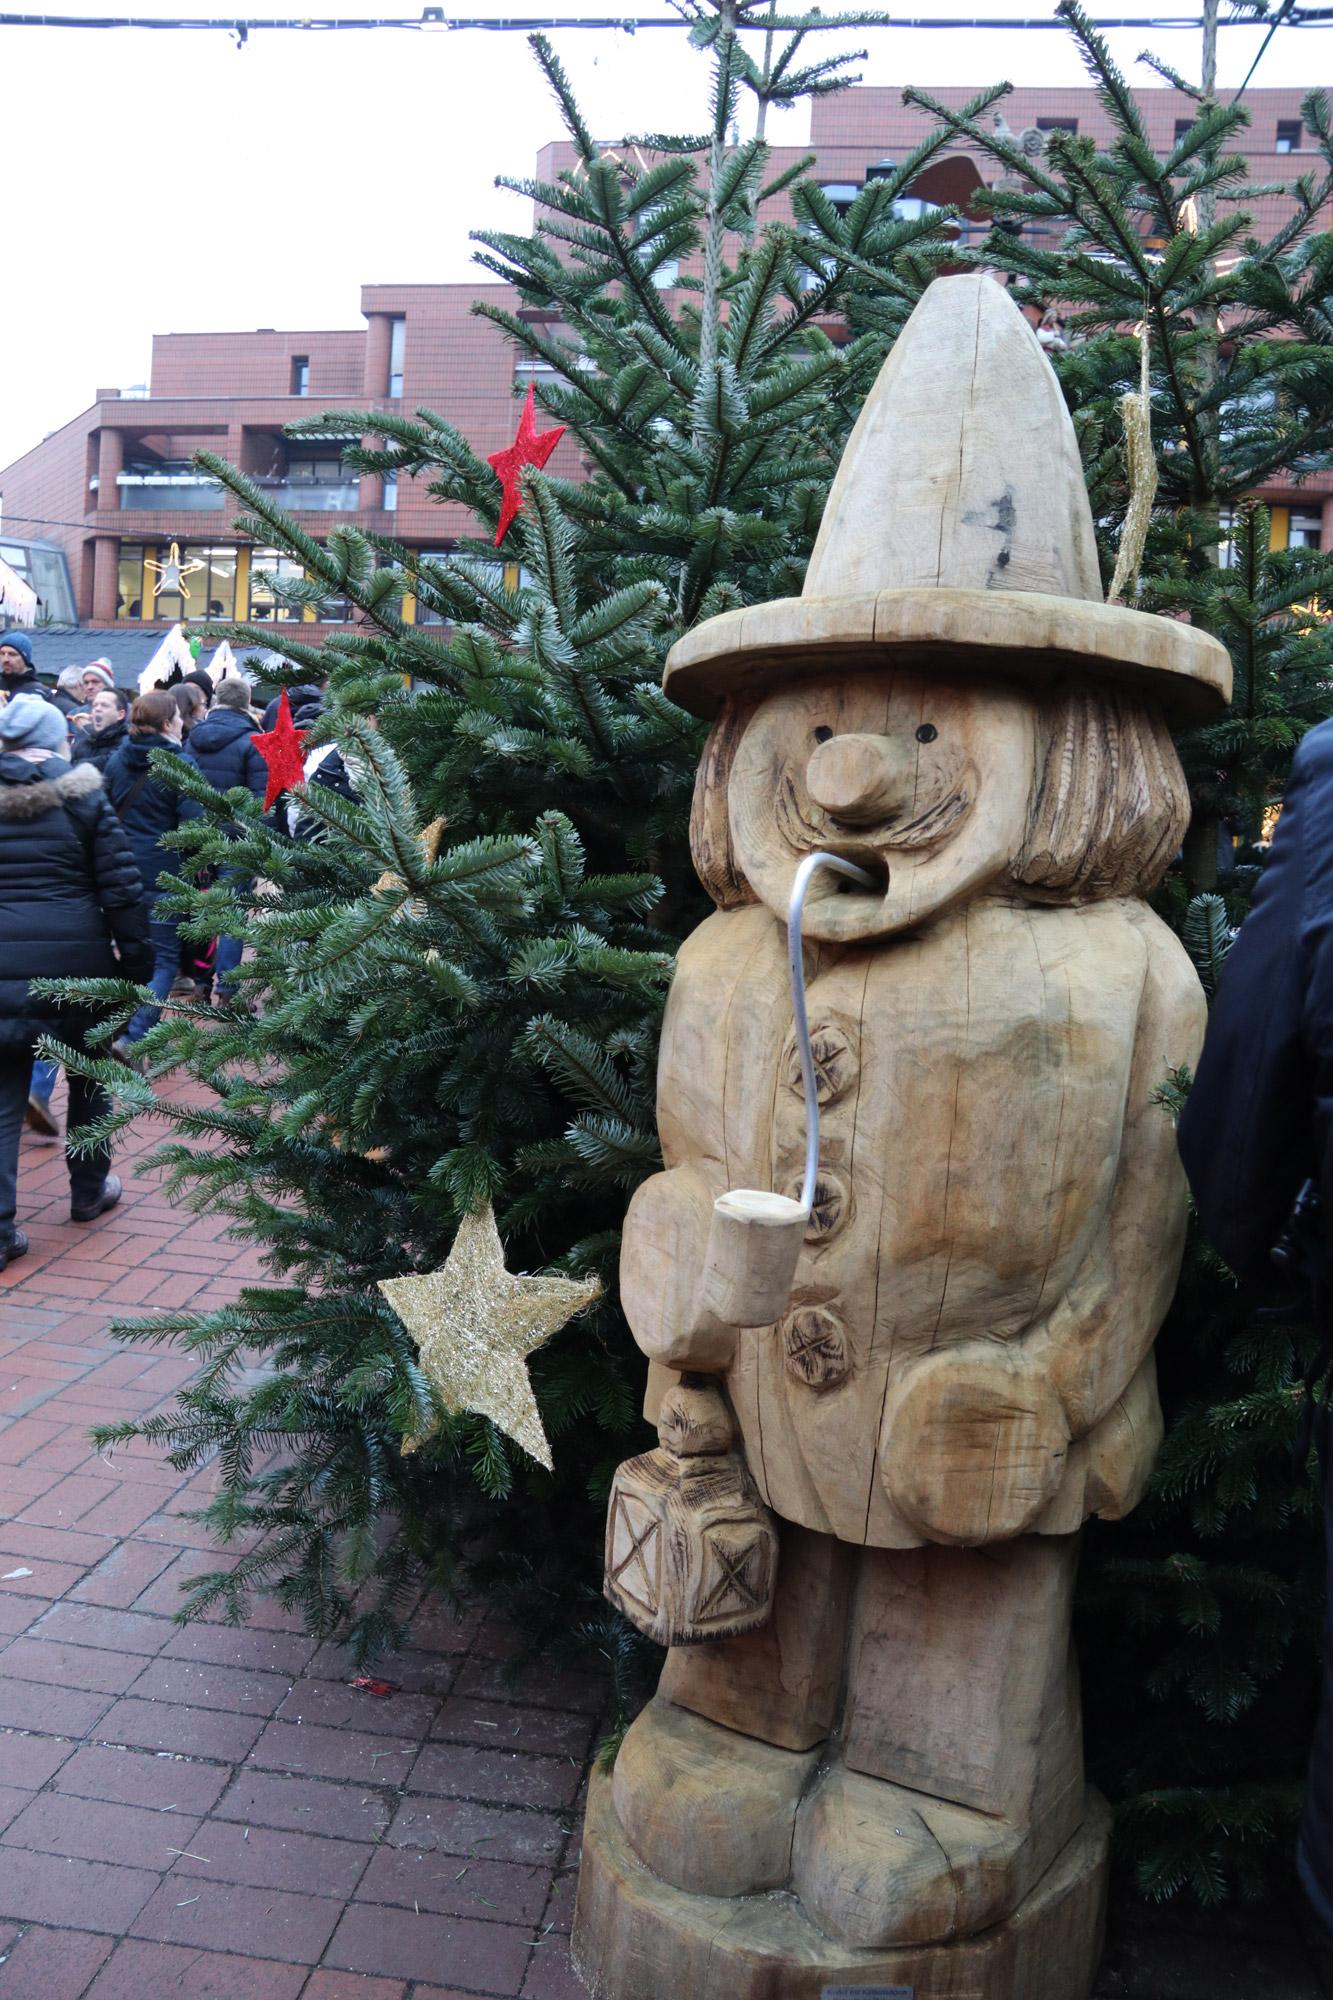 Münster kerstmarkt - Rauchermänner